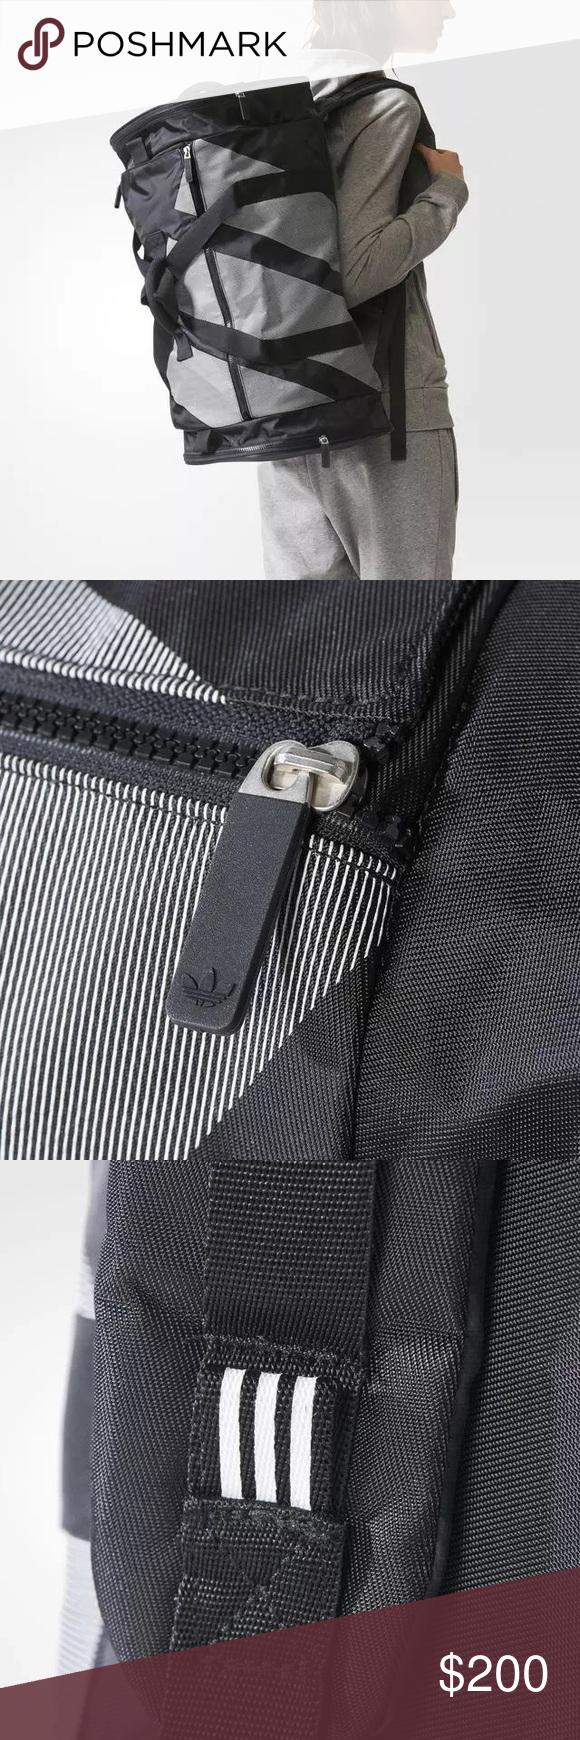 c2e3889e87 adidas Originals EQT Team Bag UNISEX NWT